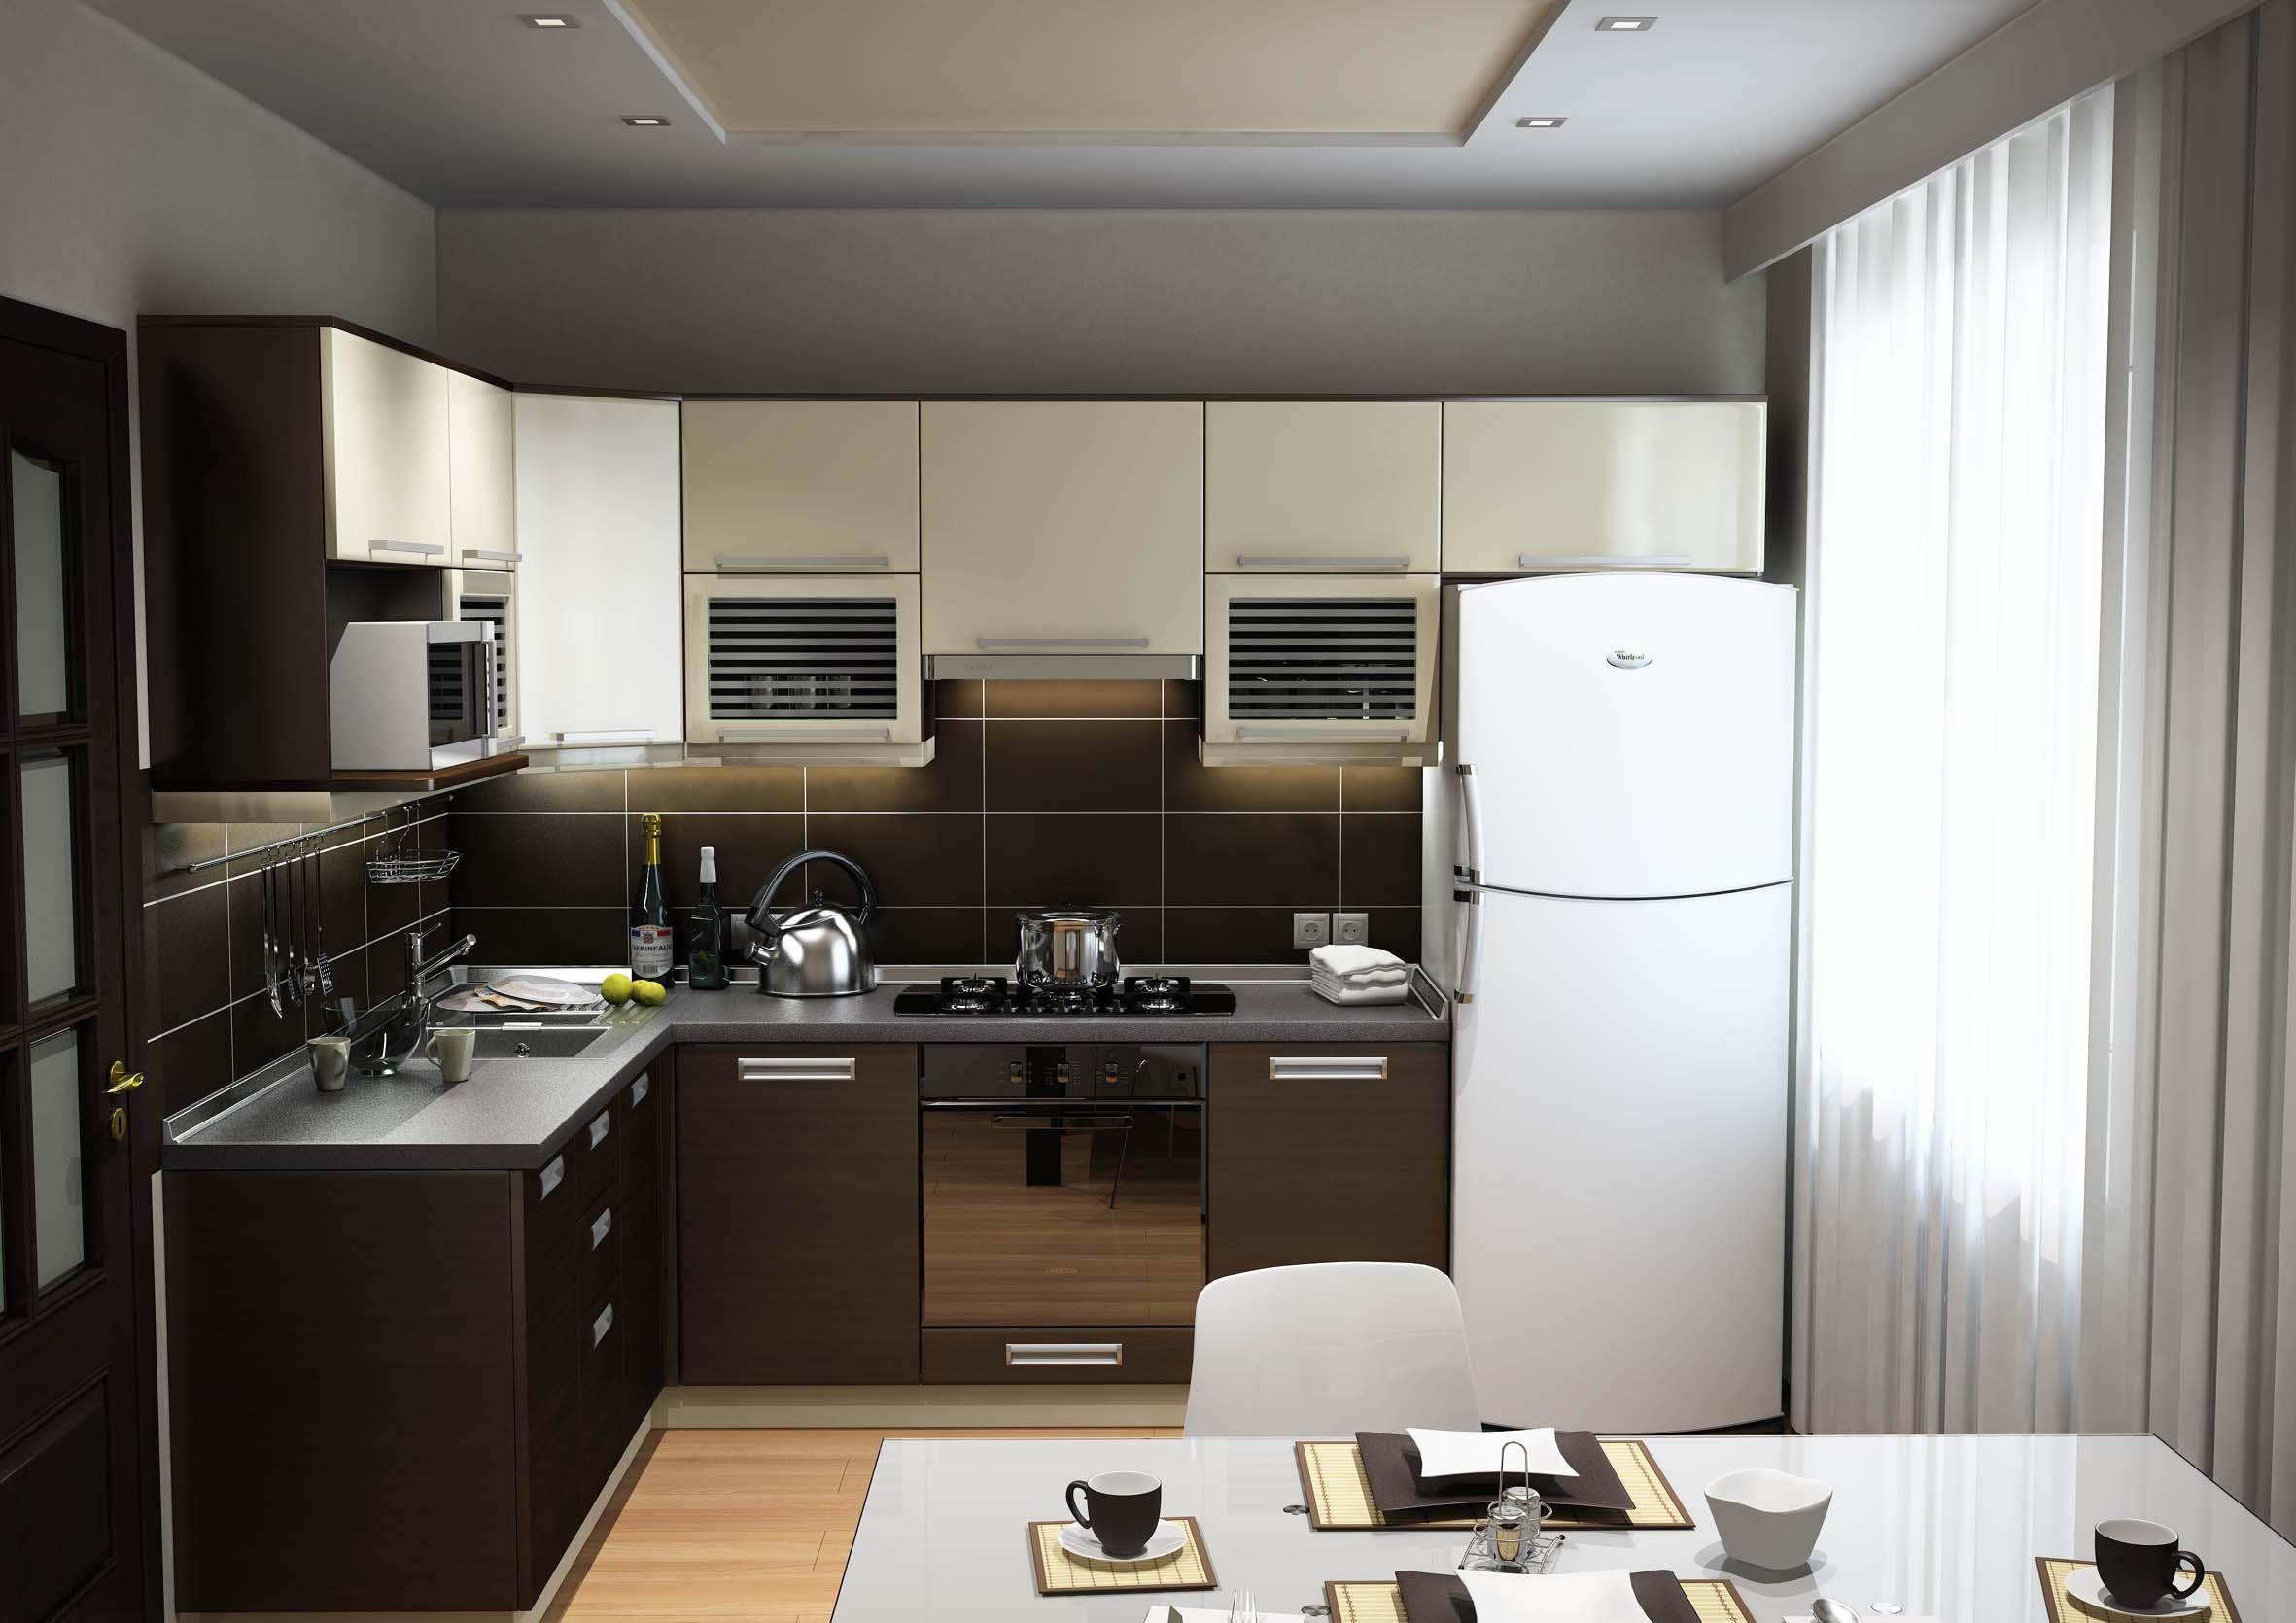 дизайн маленькой кухни в современном стиле фото